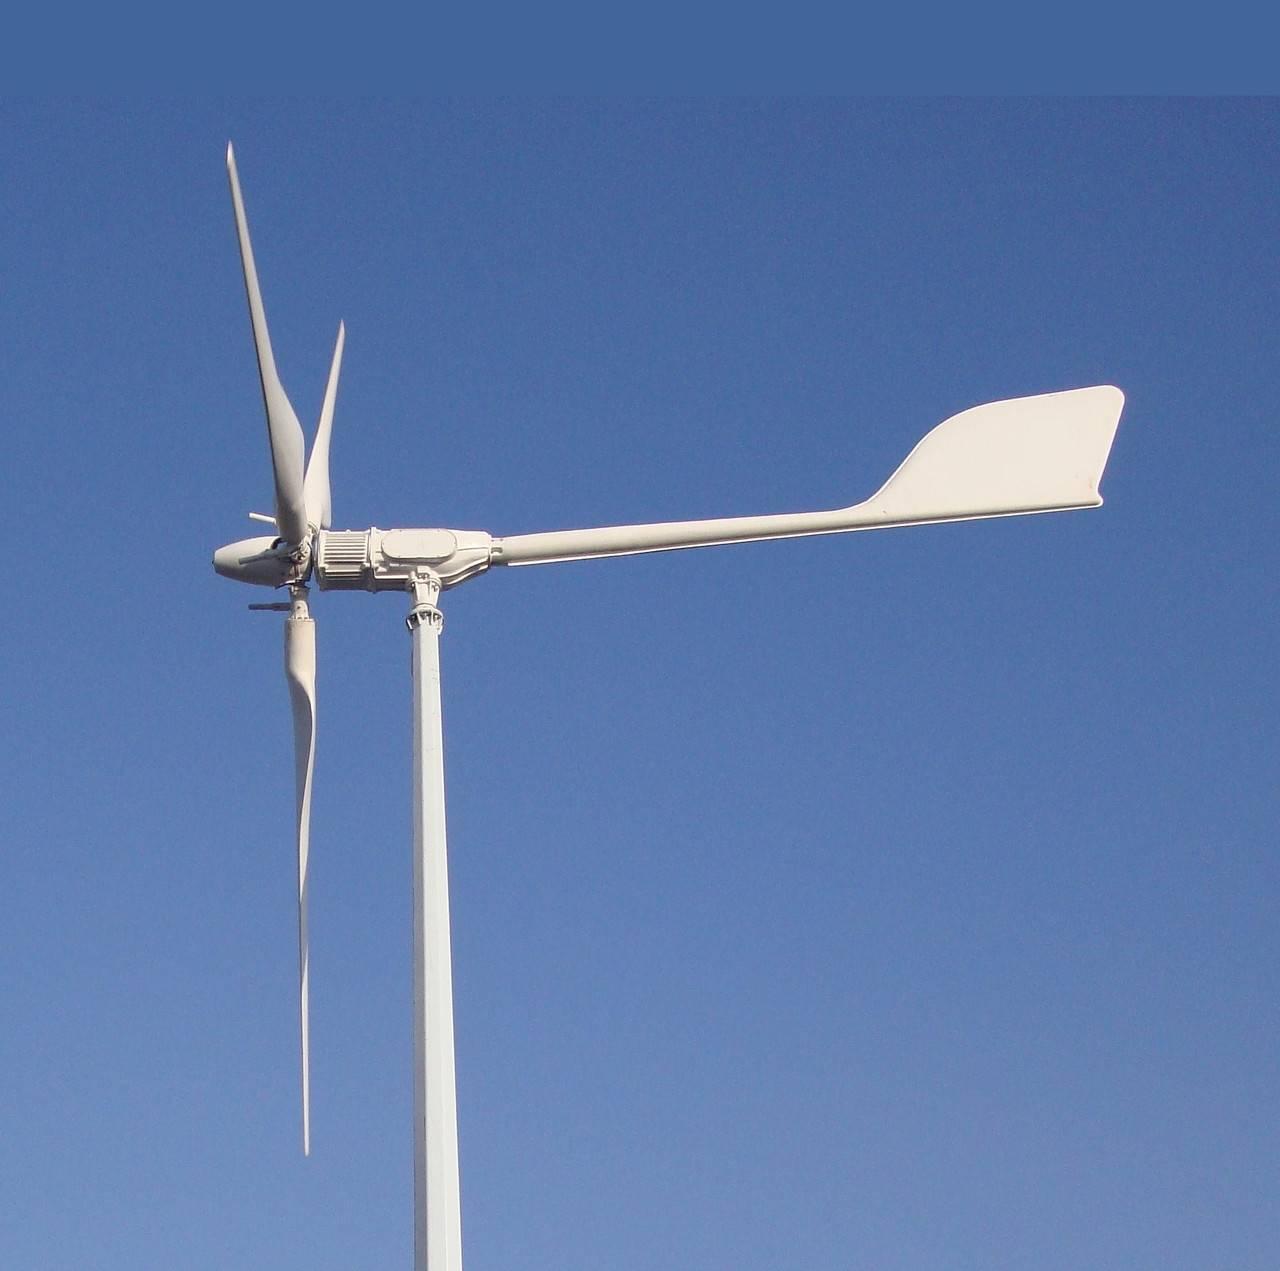 Мощность и кпд ветрогенераторов различных типов: обзор технических характеристик